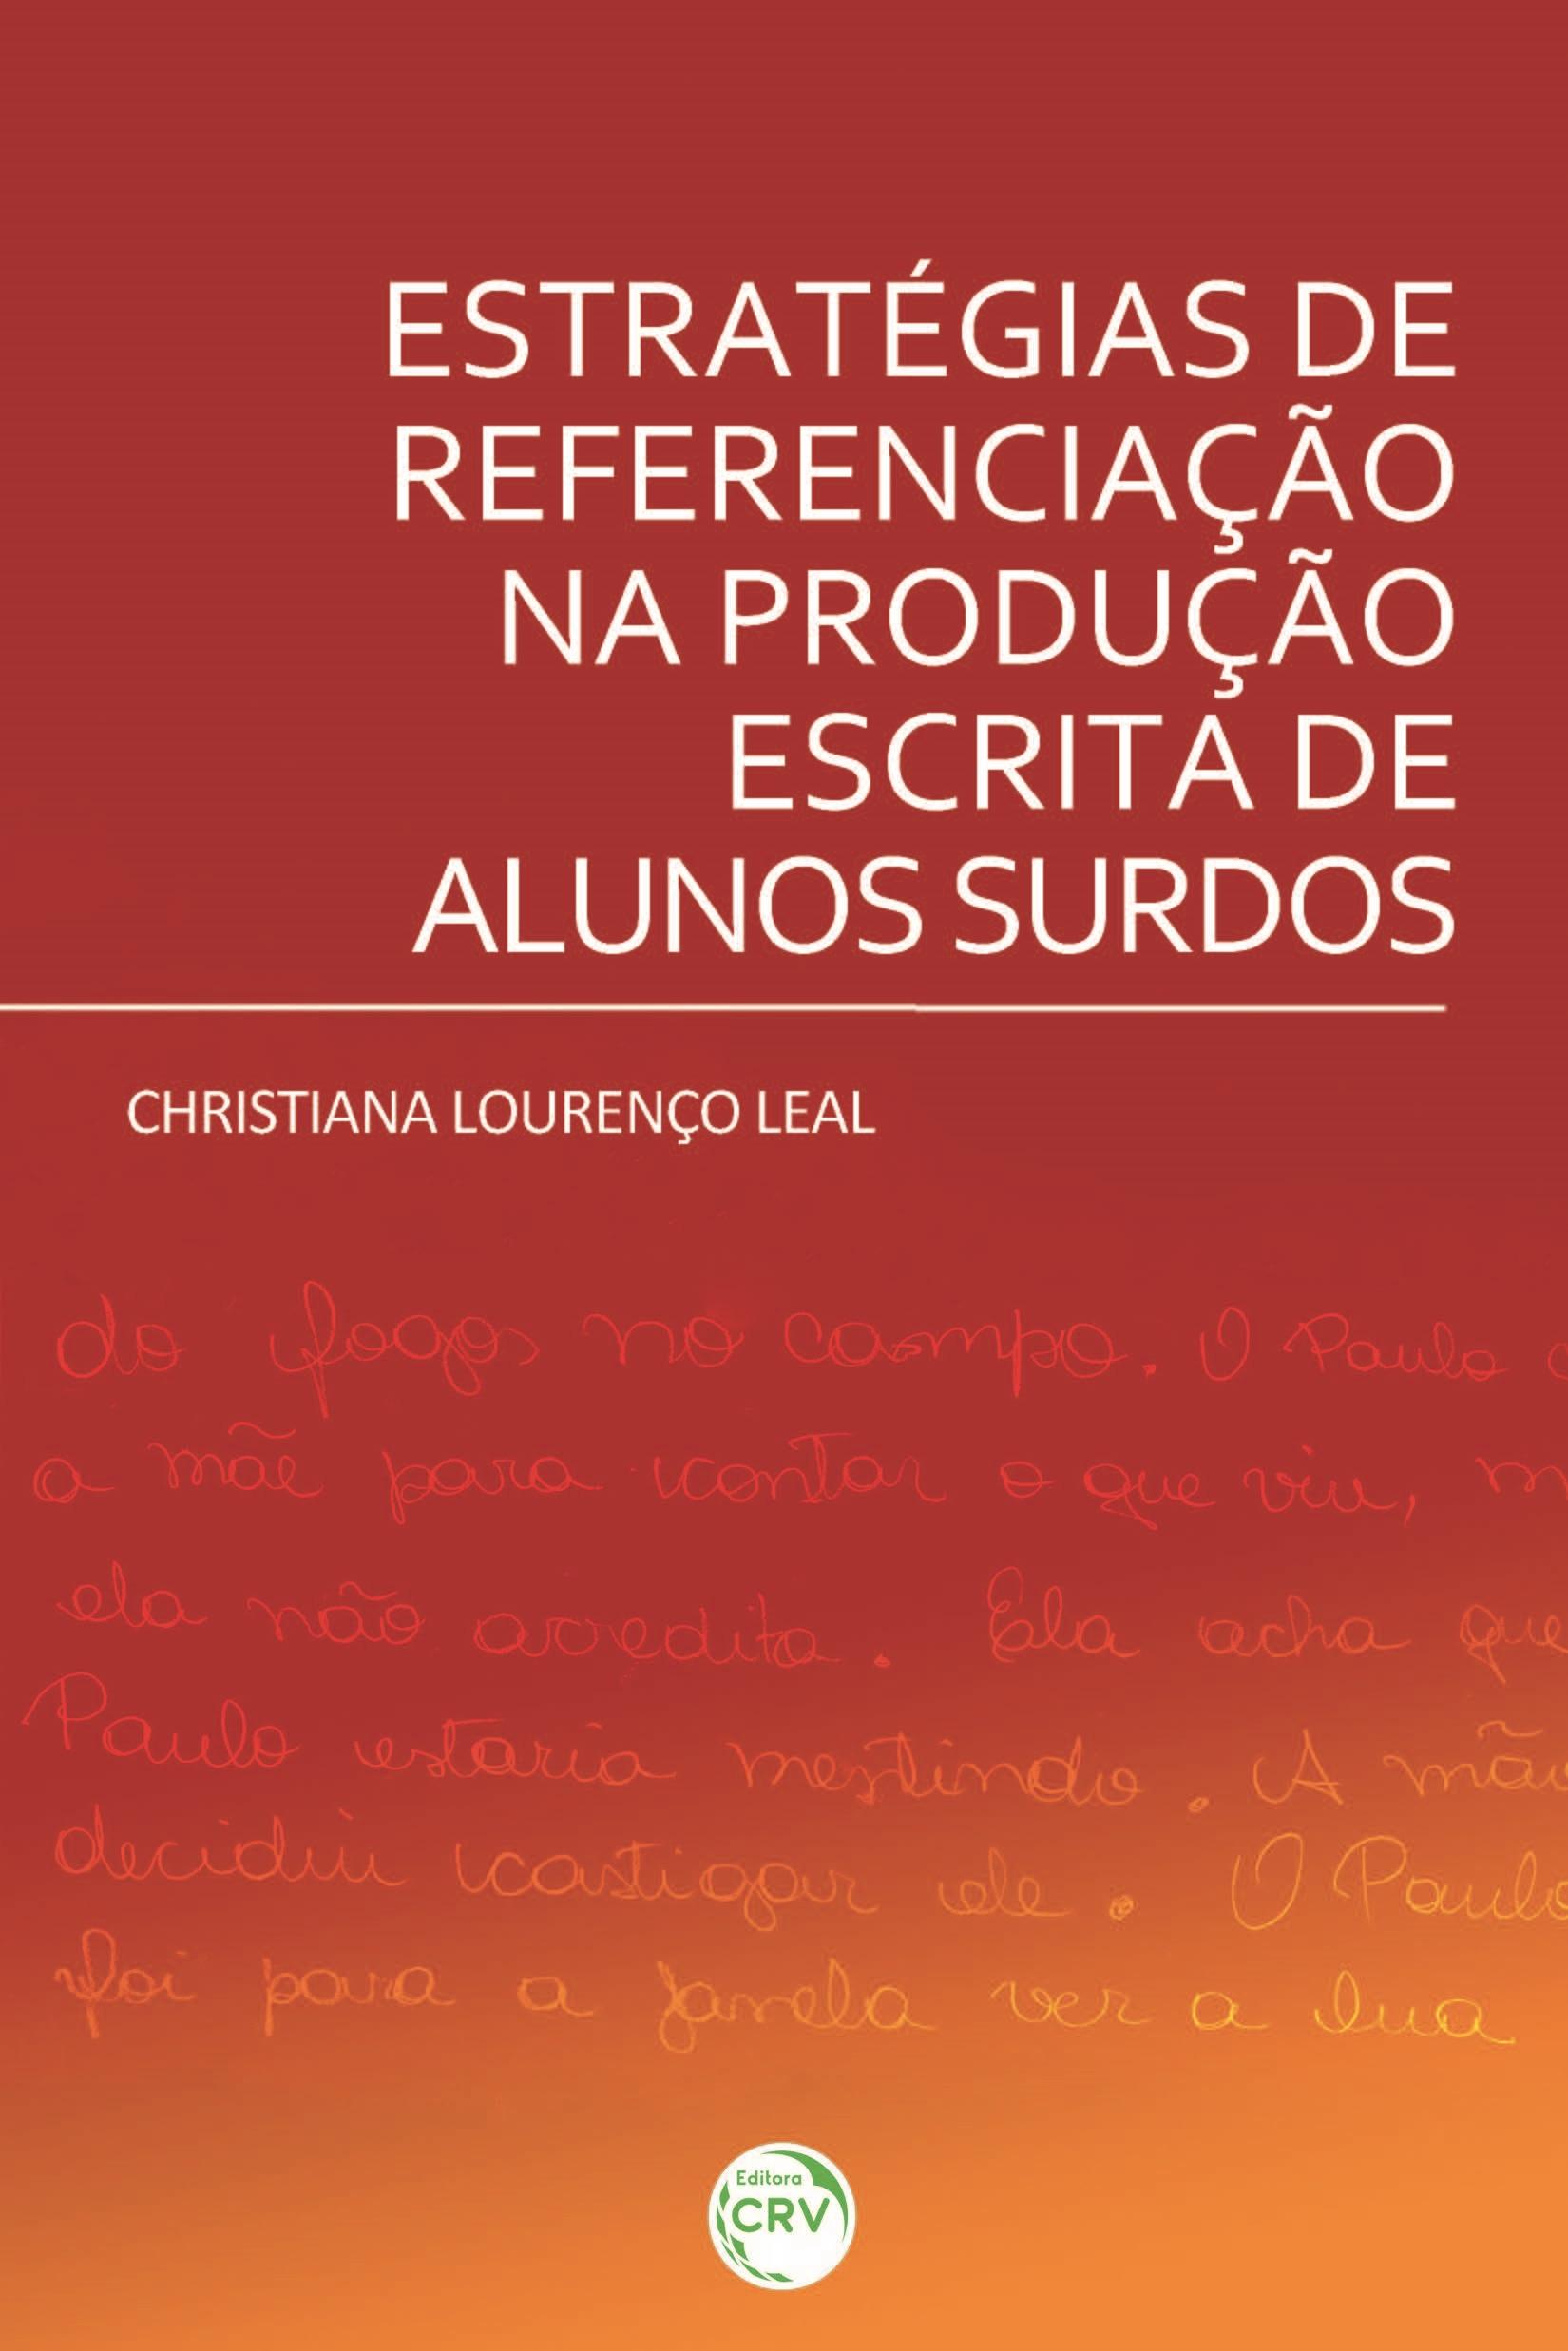 Capa do livro: ESTRATÉGIAS DE REFERENCIAÇÃO NA PRODUÇÃO ESCRITA DE ALUNOS SURDOS